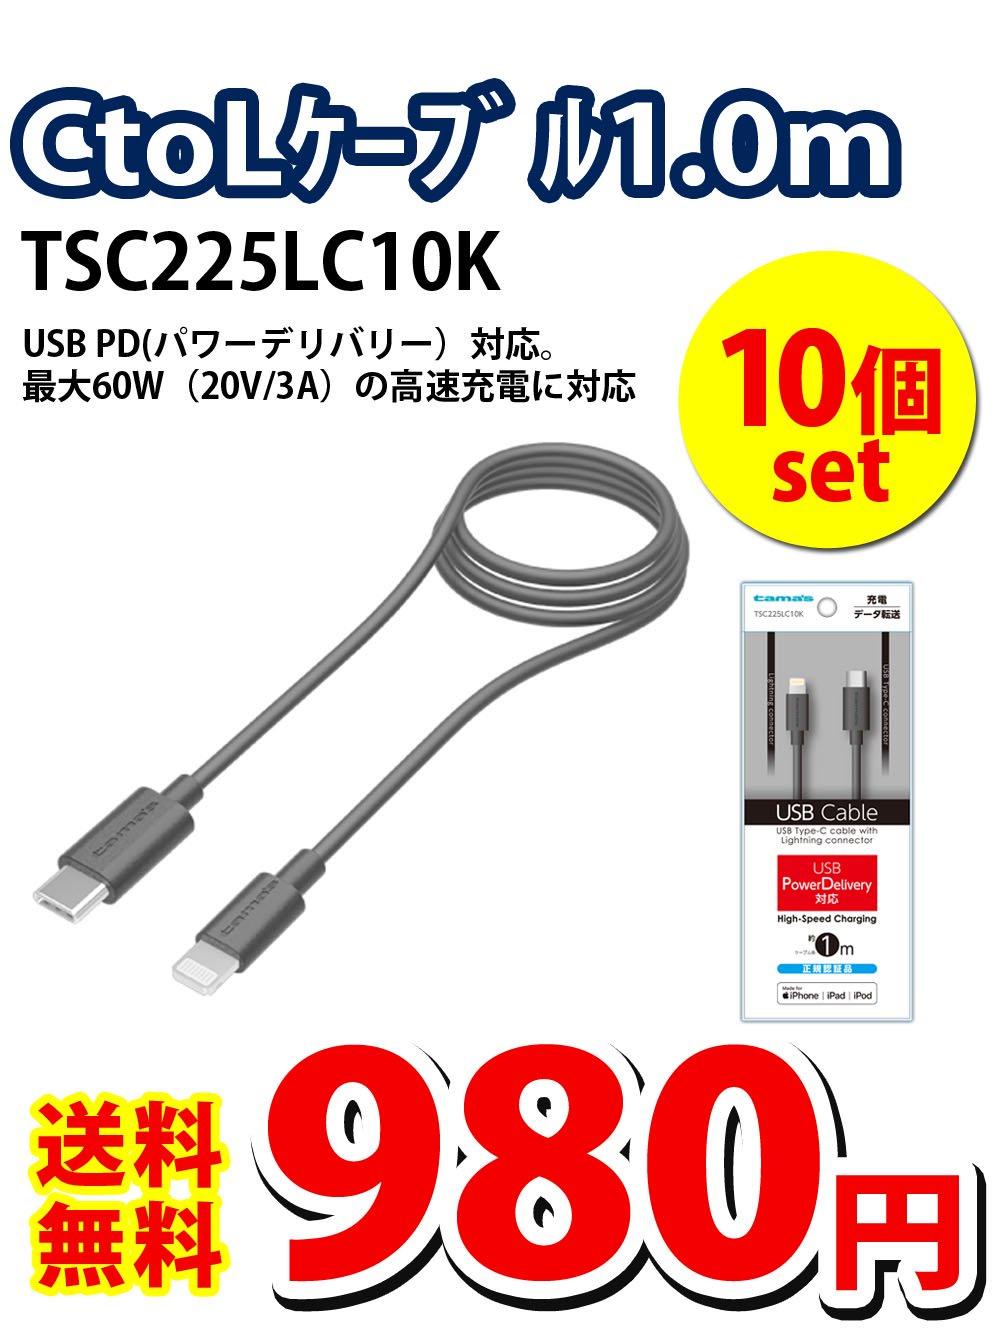 【送料無料】CtoLケーブル1.0m TSC225LC10K【10個セット】980円